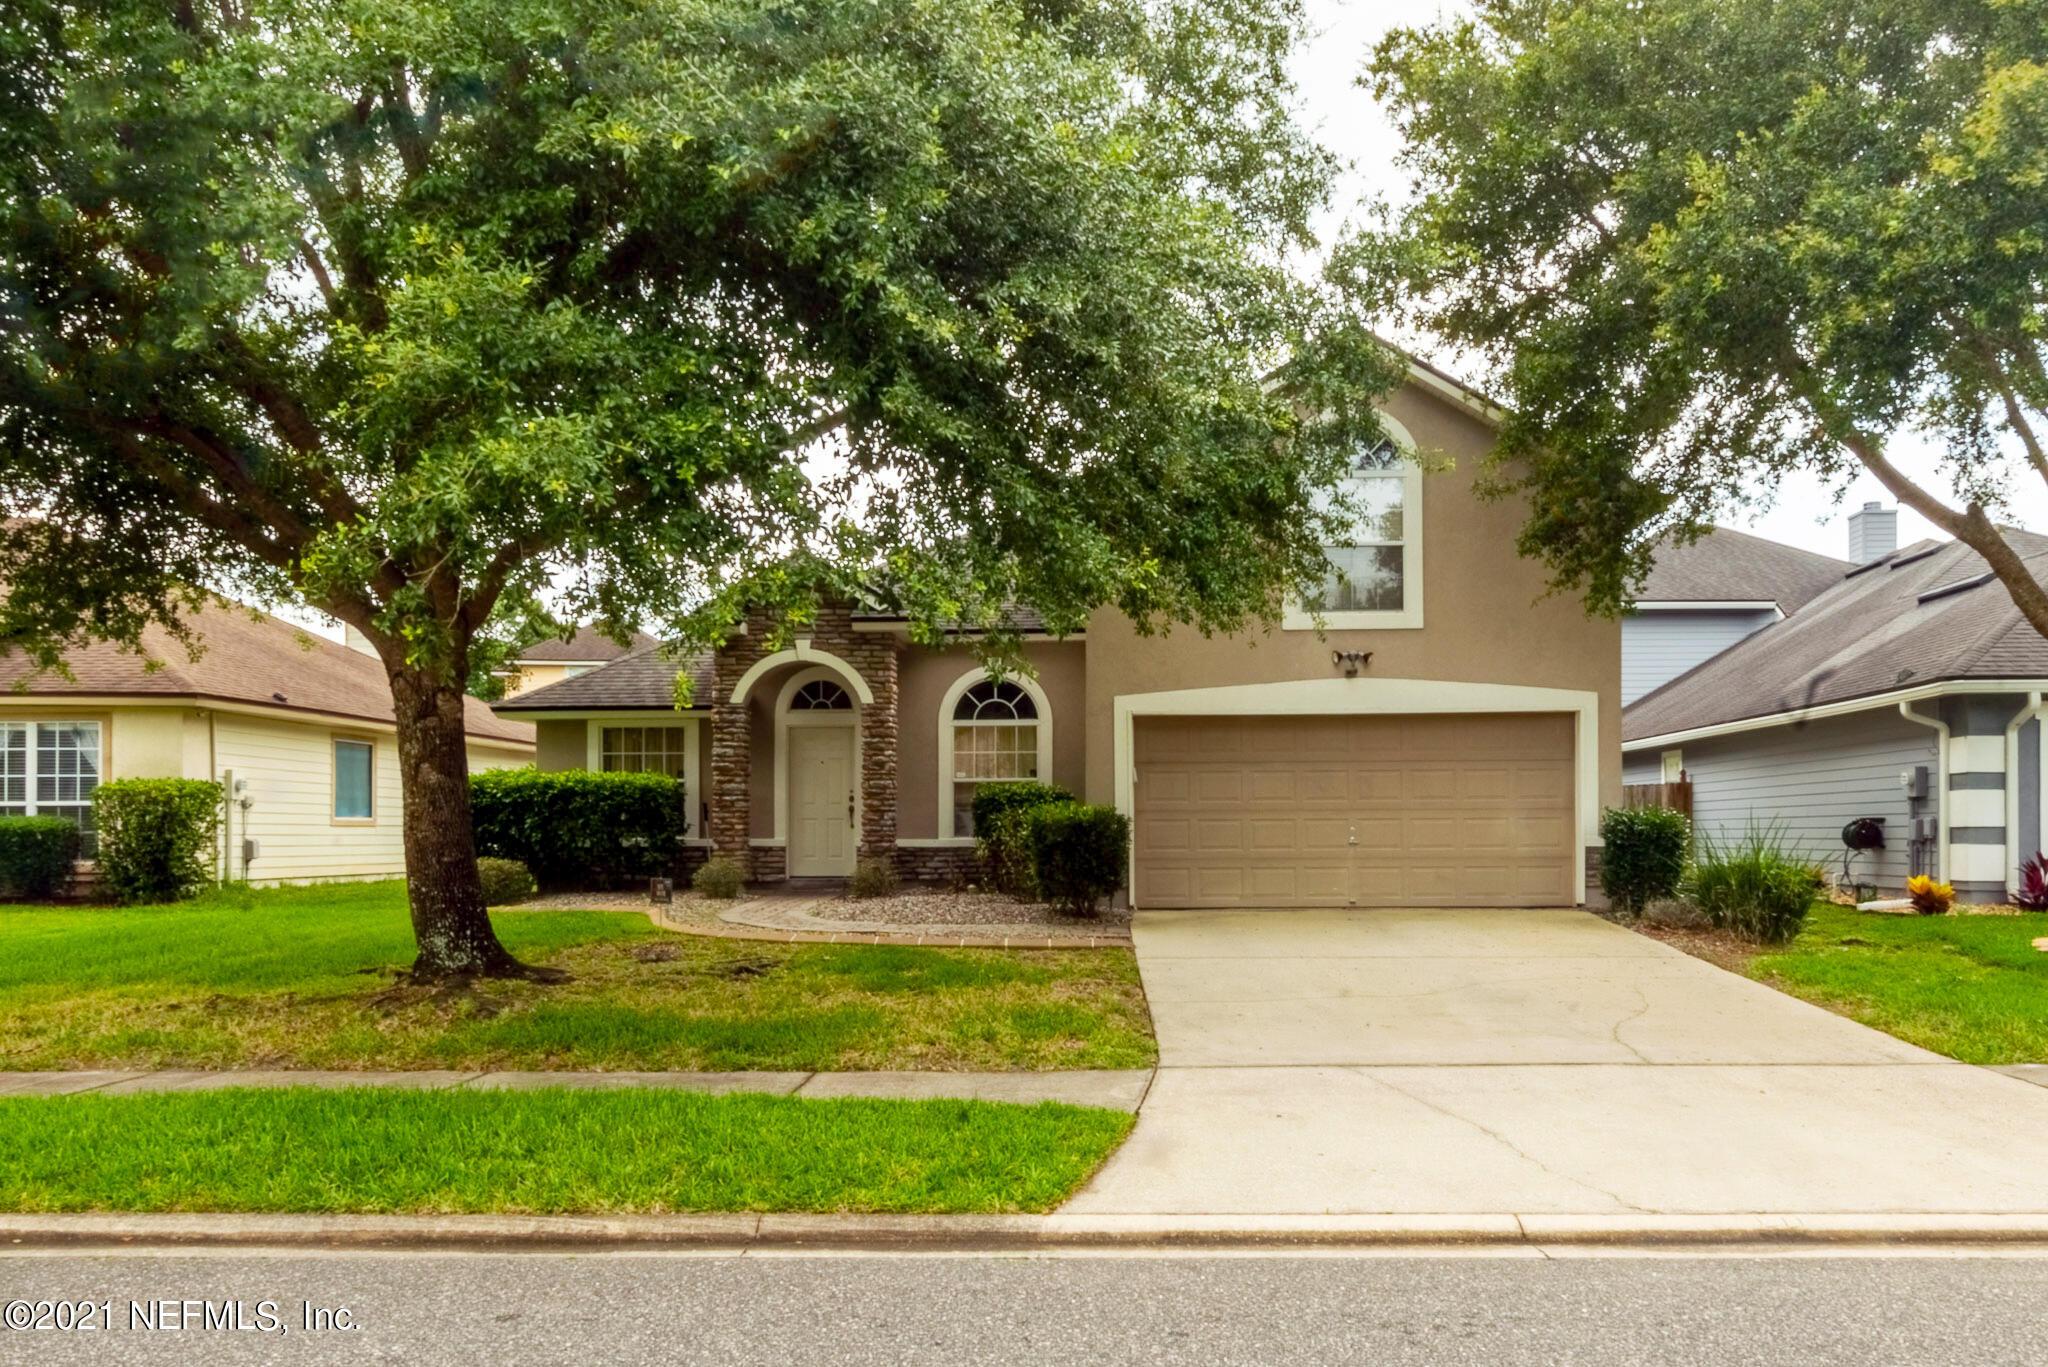 3435 Laurel Leaf, ORANGE PARK, FLORIDA 32065, 4 Bedrooms Bedrooms, ,2 BathroomsBathrooms,Residential,For sale,Laurel Leaf,1115460